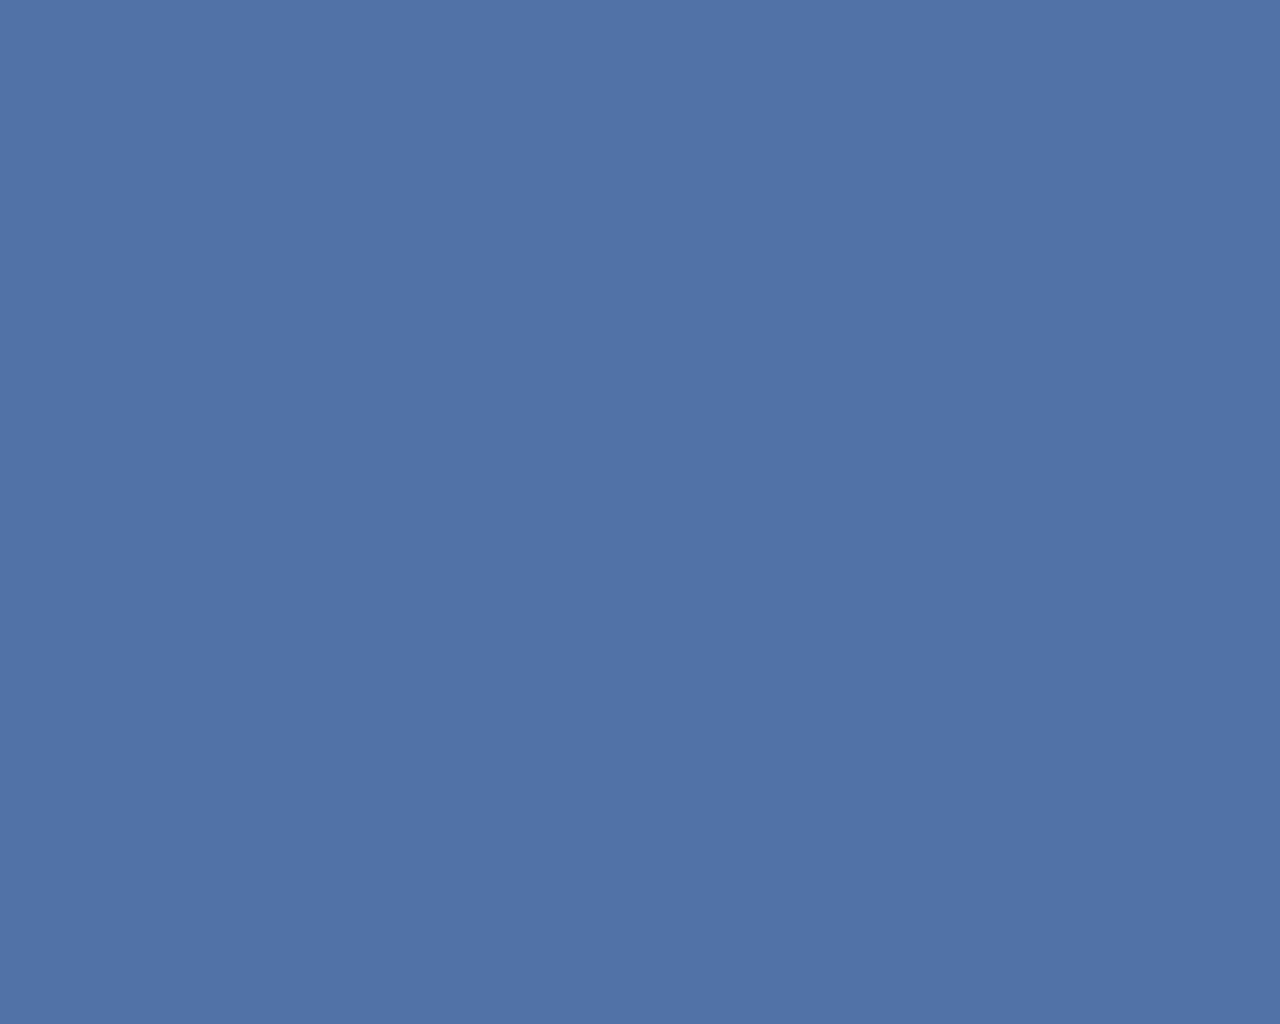 1280x1024 Blue Yonder Solid Color Background